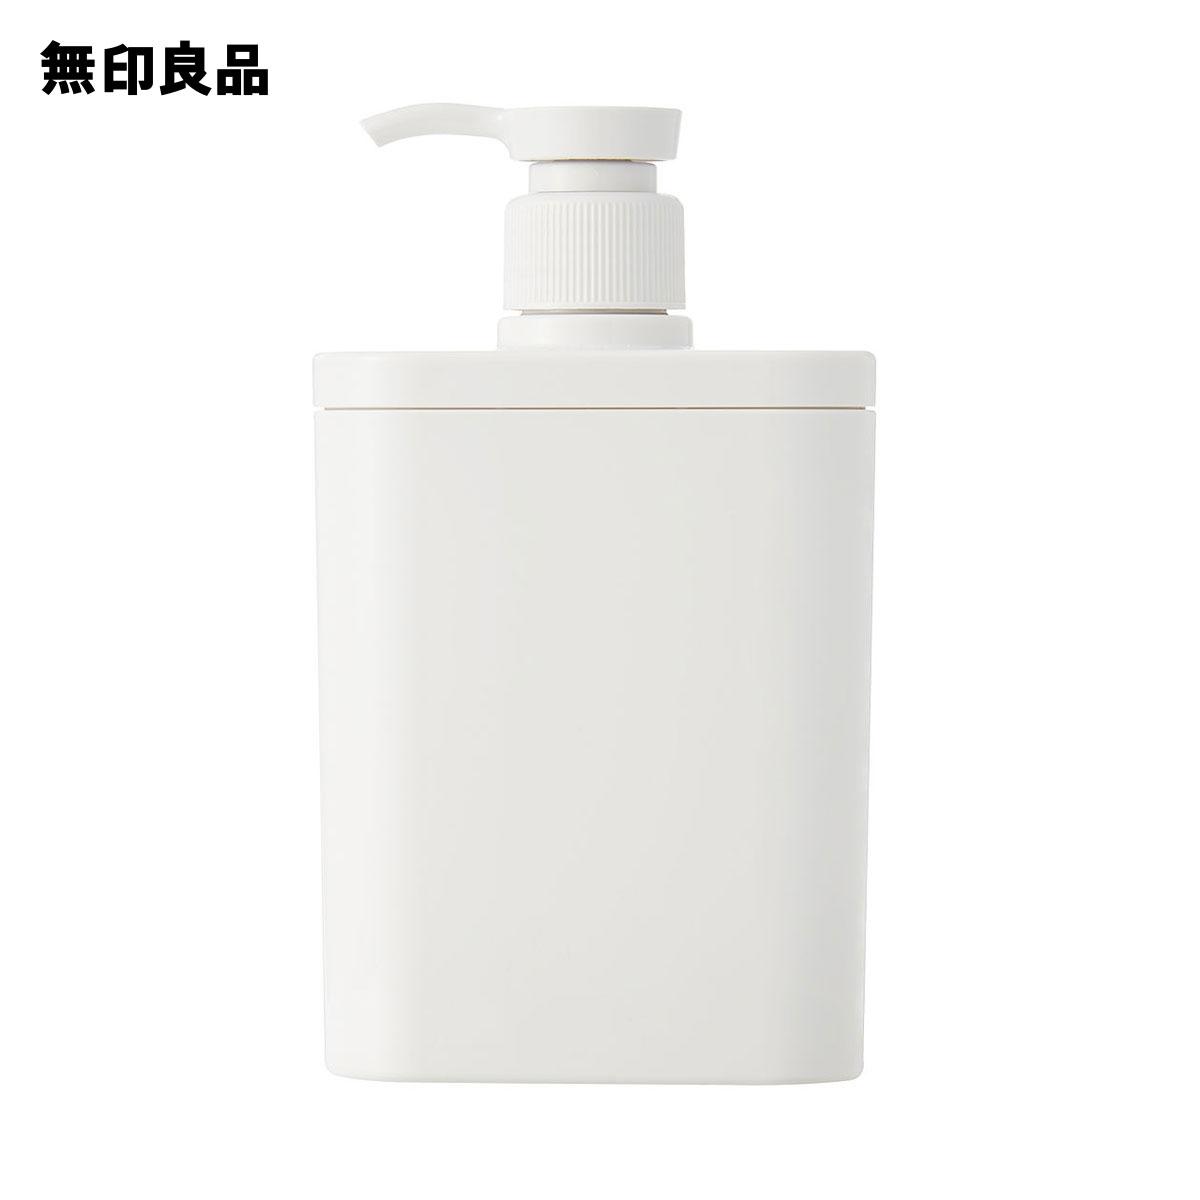 【無印良品 公式】 フタが外せるPET詰替ボトル(S)ホワイト